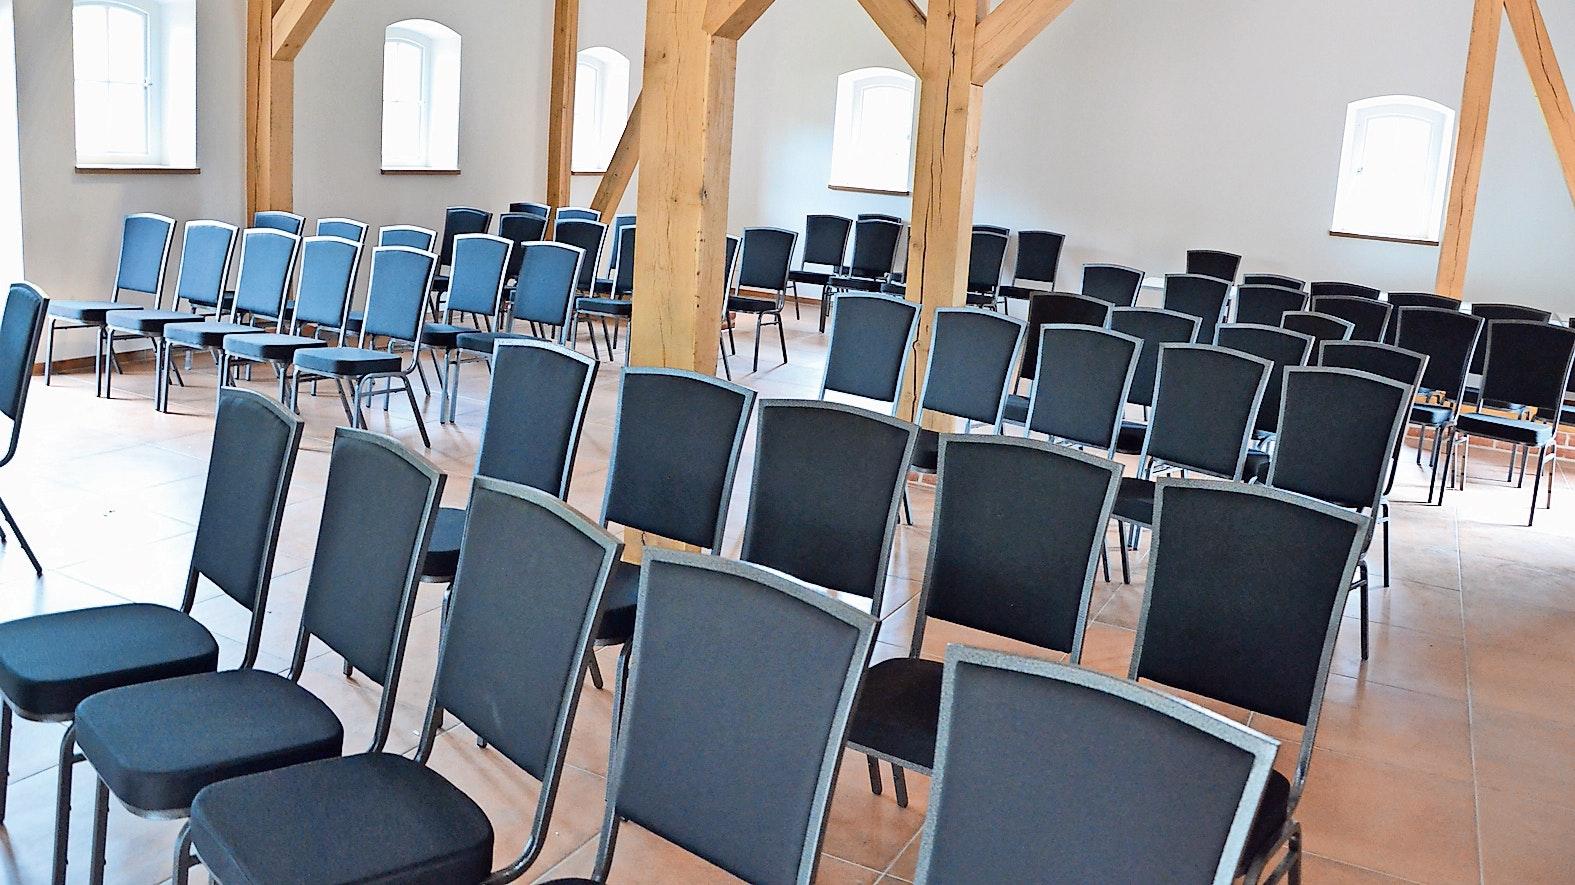 Neuer Veranstaltungsort: Die Kulturscheune des Bürgerhauses wird im Herbst erstmals mit Leben erfüllt. Foto: Meyer